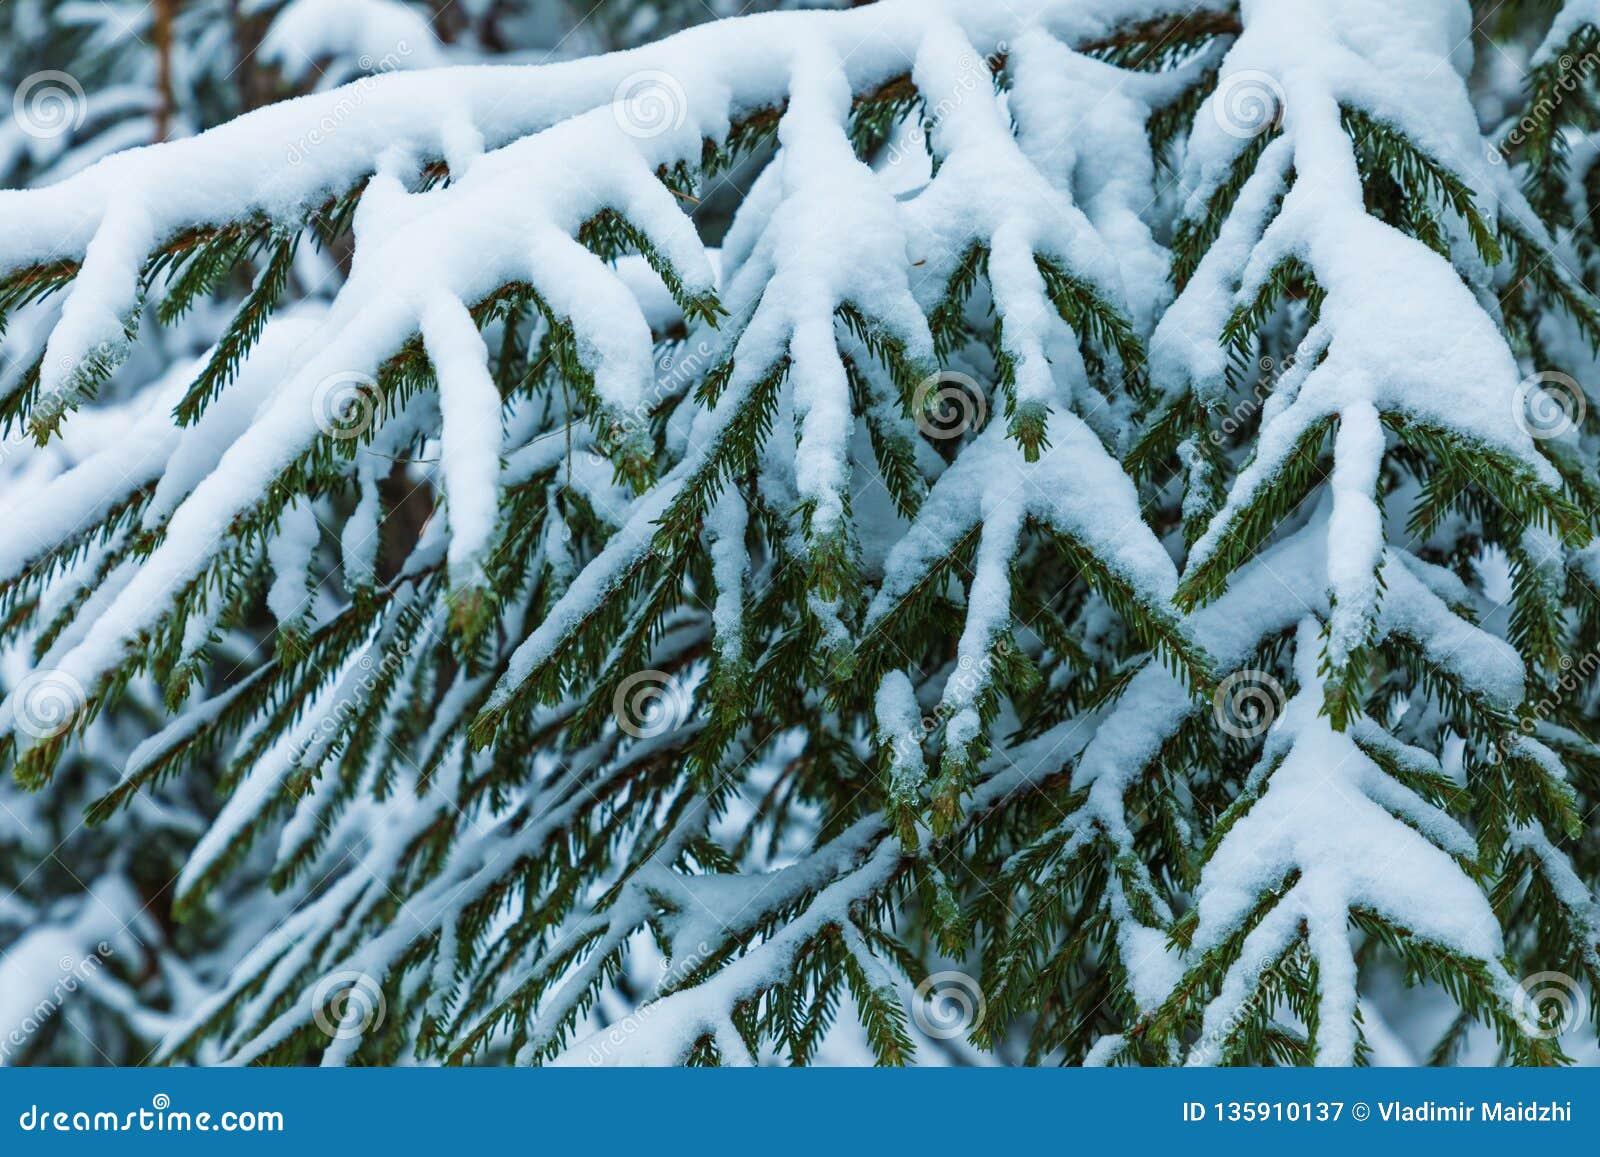 Der weiße und grüne schöne Winterhintergrund der Niederlassungen der Tanne oder des gezierten Baums unter dem Schnee und dem Hoar